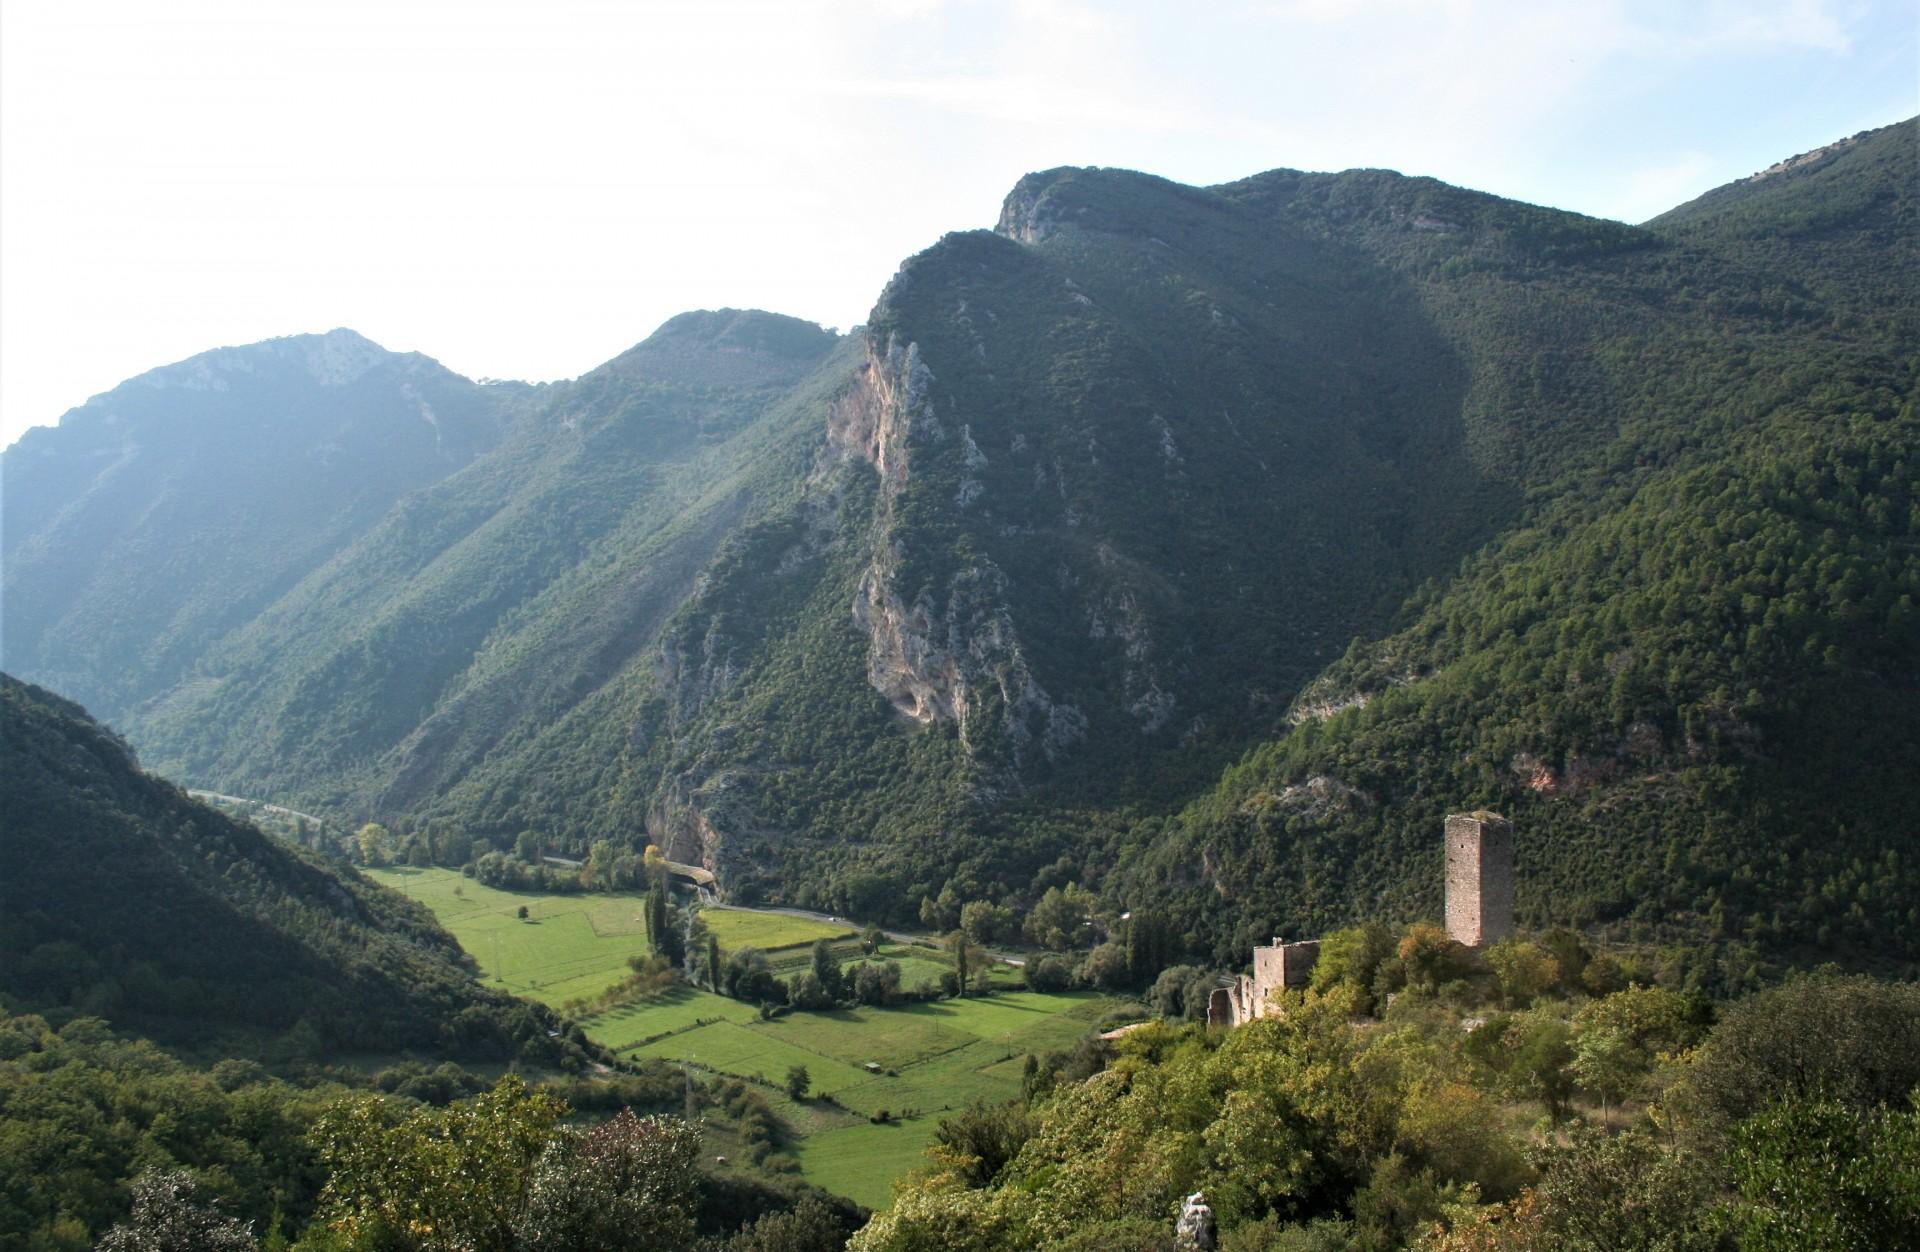 Visita l'Umbria Meridionale